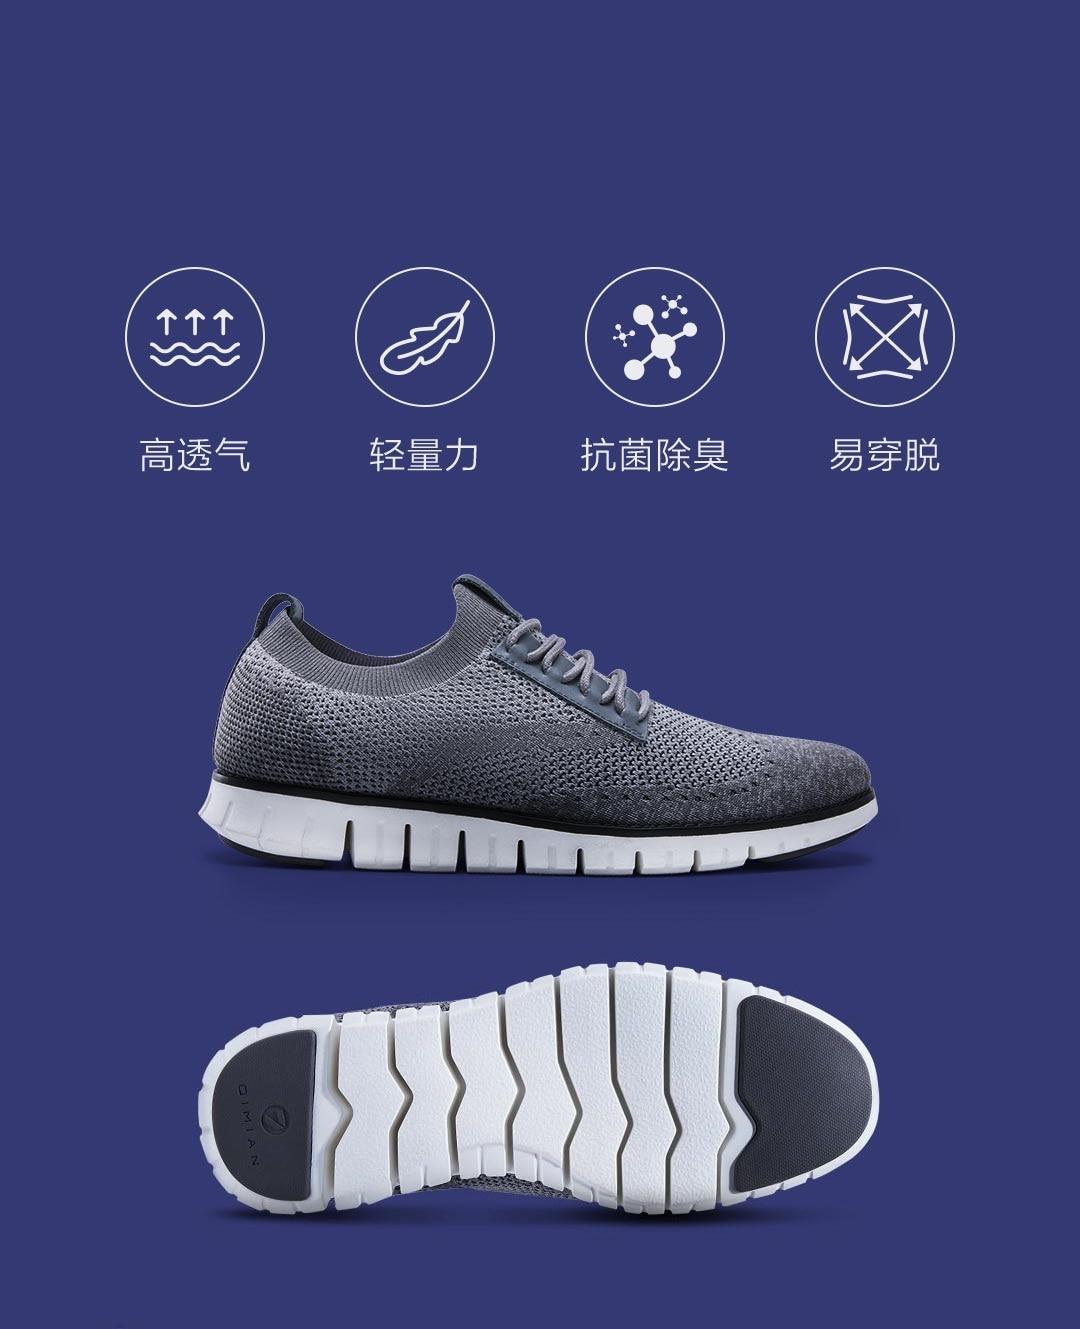 Xiaomi Coollinght Serie Sport Schuhe Business männer Weichen Boden Licht Mode Schuhe Brock Casual Schuhe Männer Sport Schuhe Smart